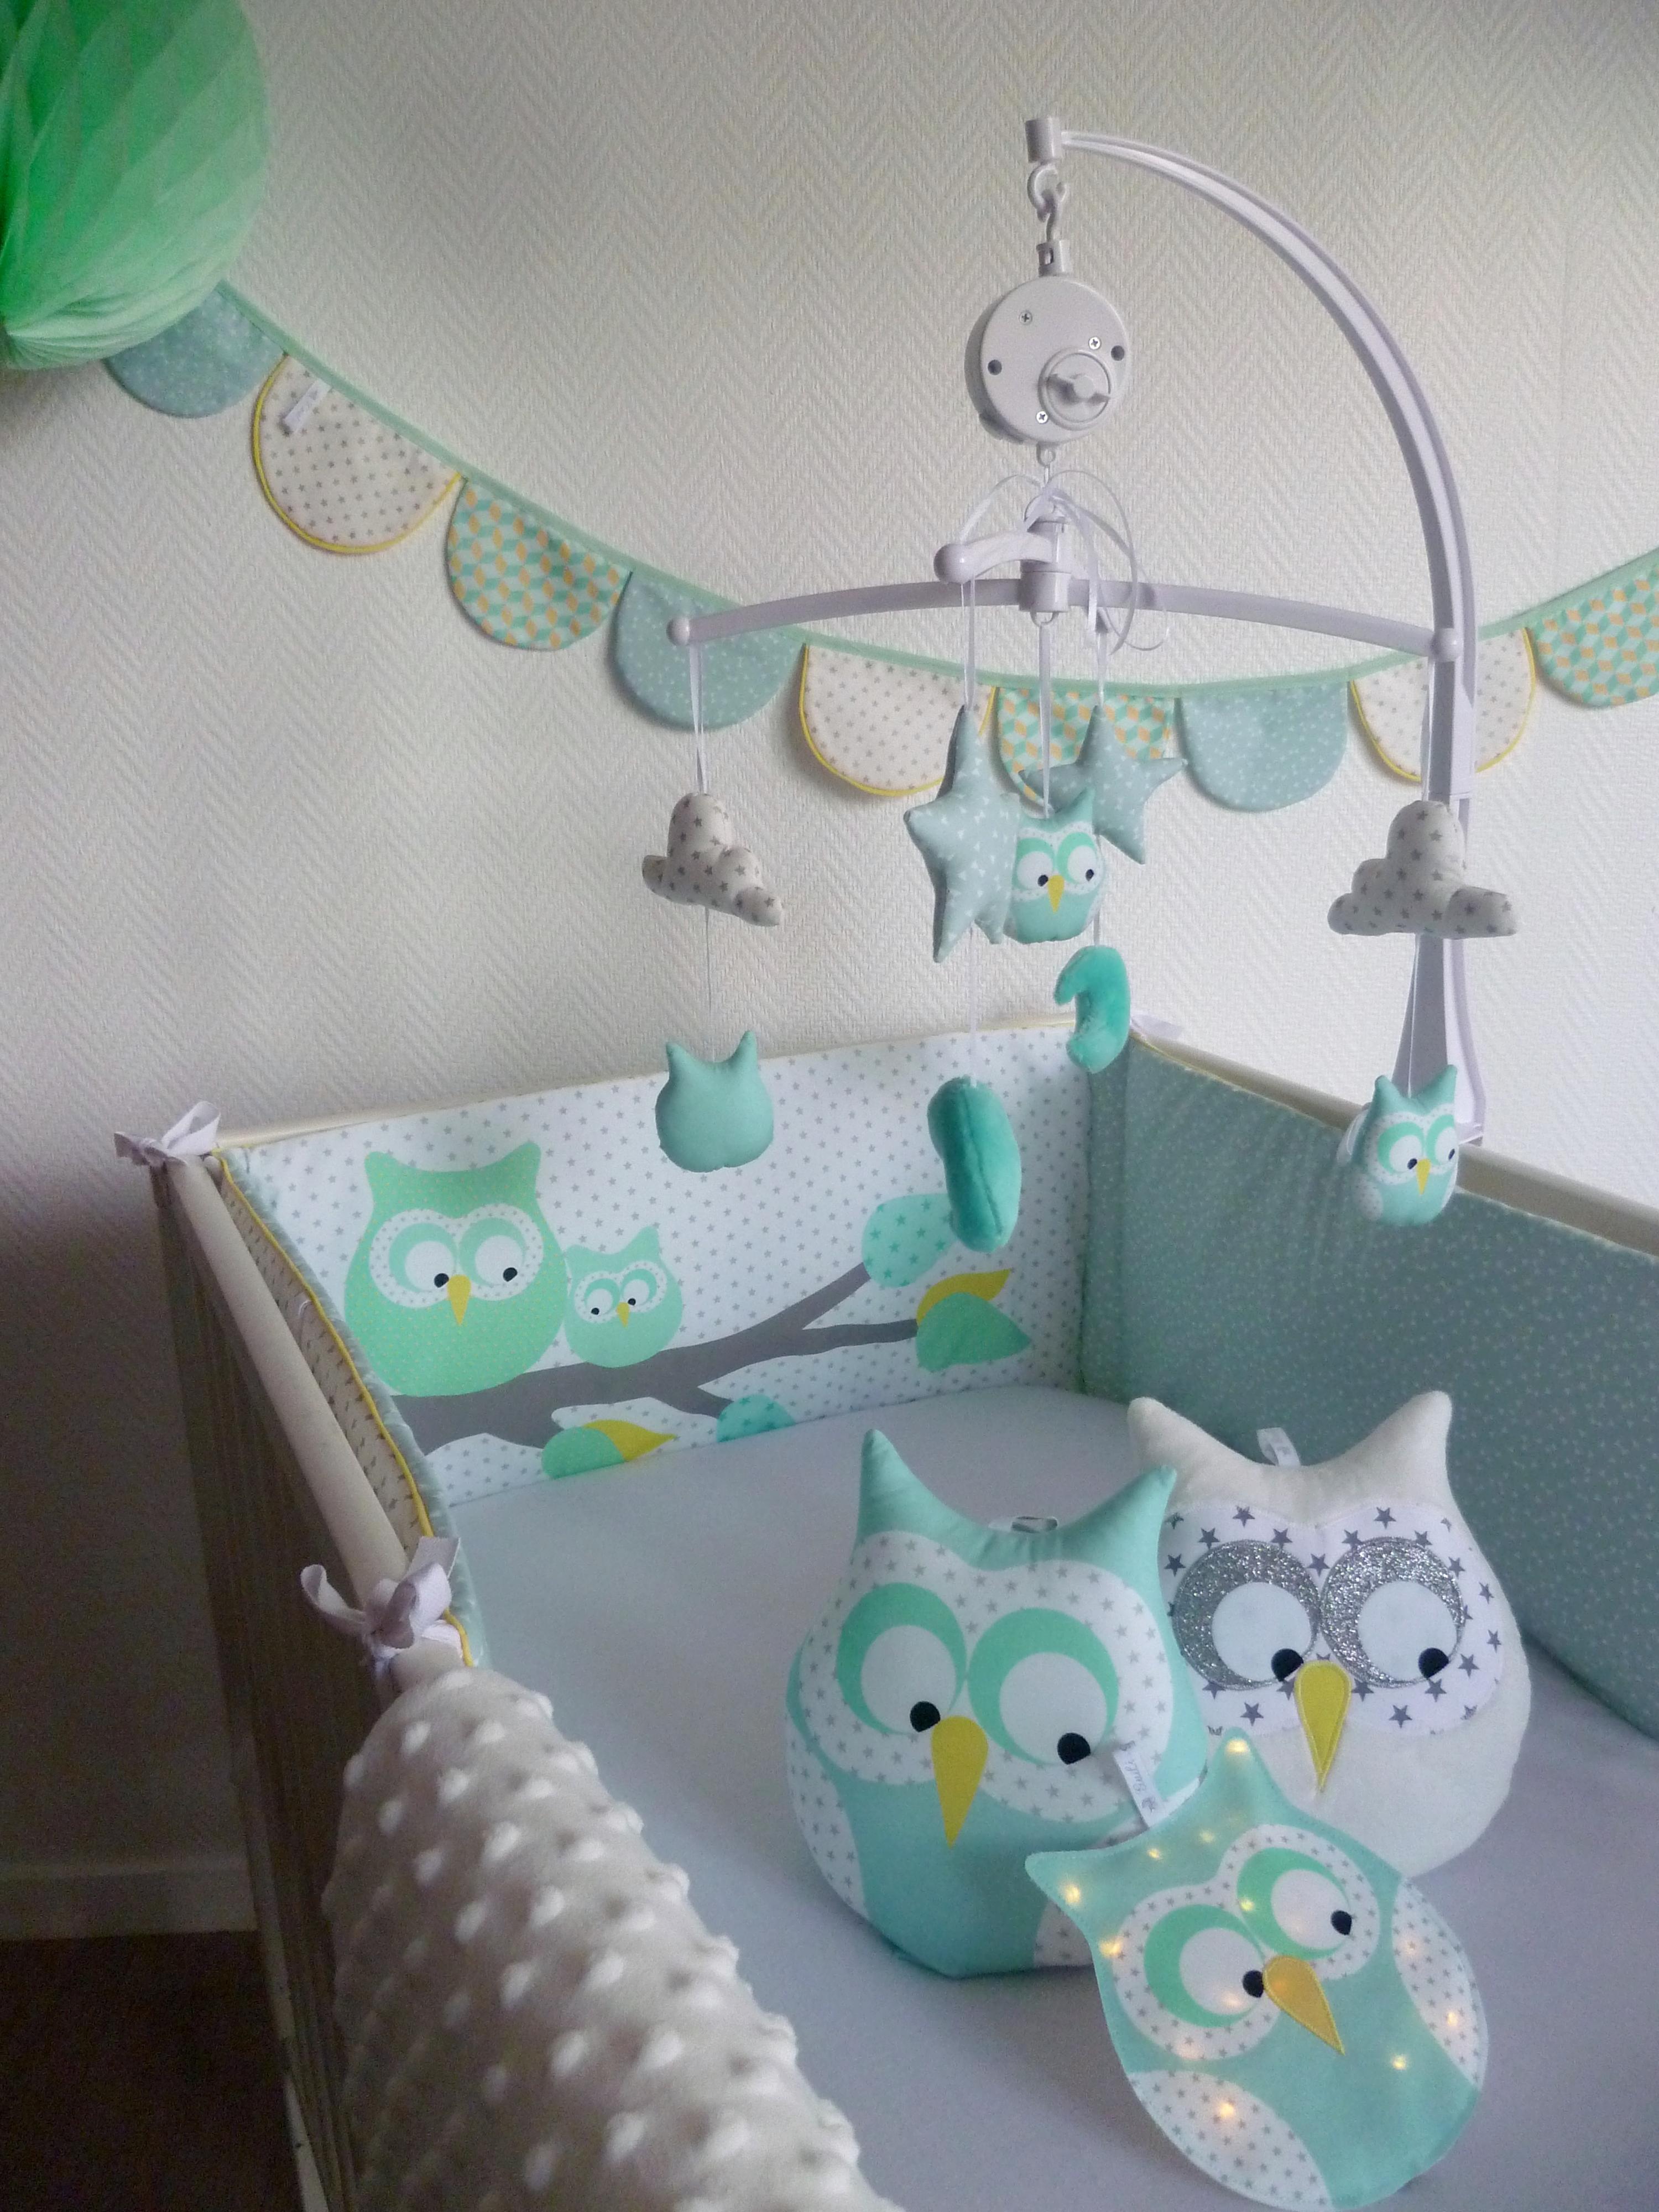 Tour de lit hiboux diabolo citron vert guili gribouilli linge de lit et de d co pour enfant - Tour de lit hibou ...